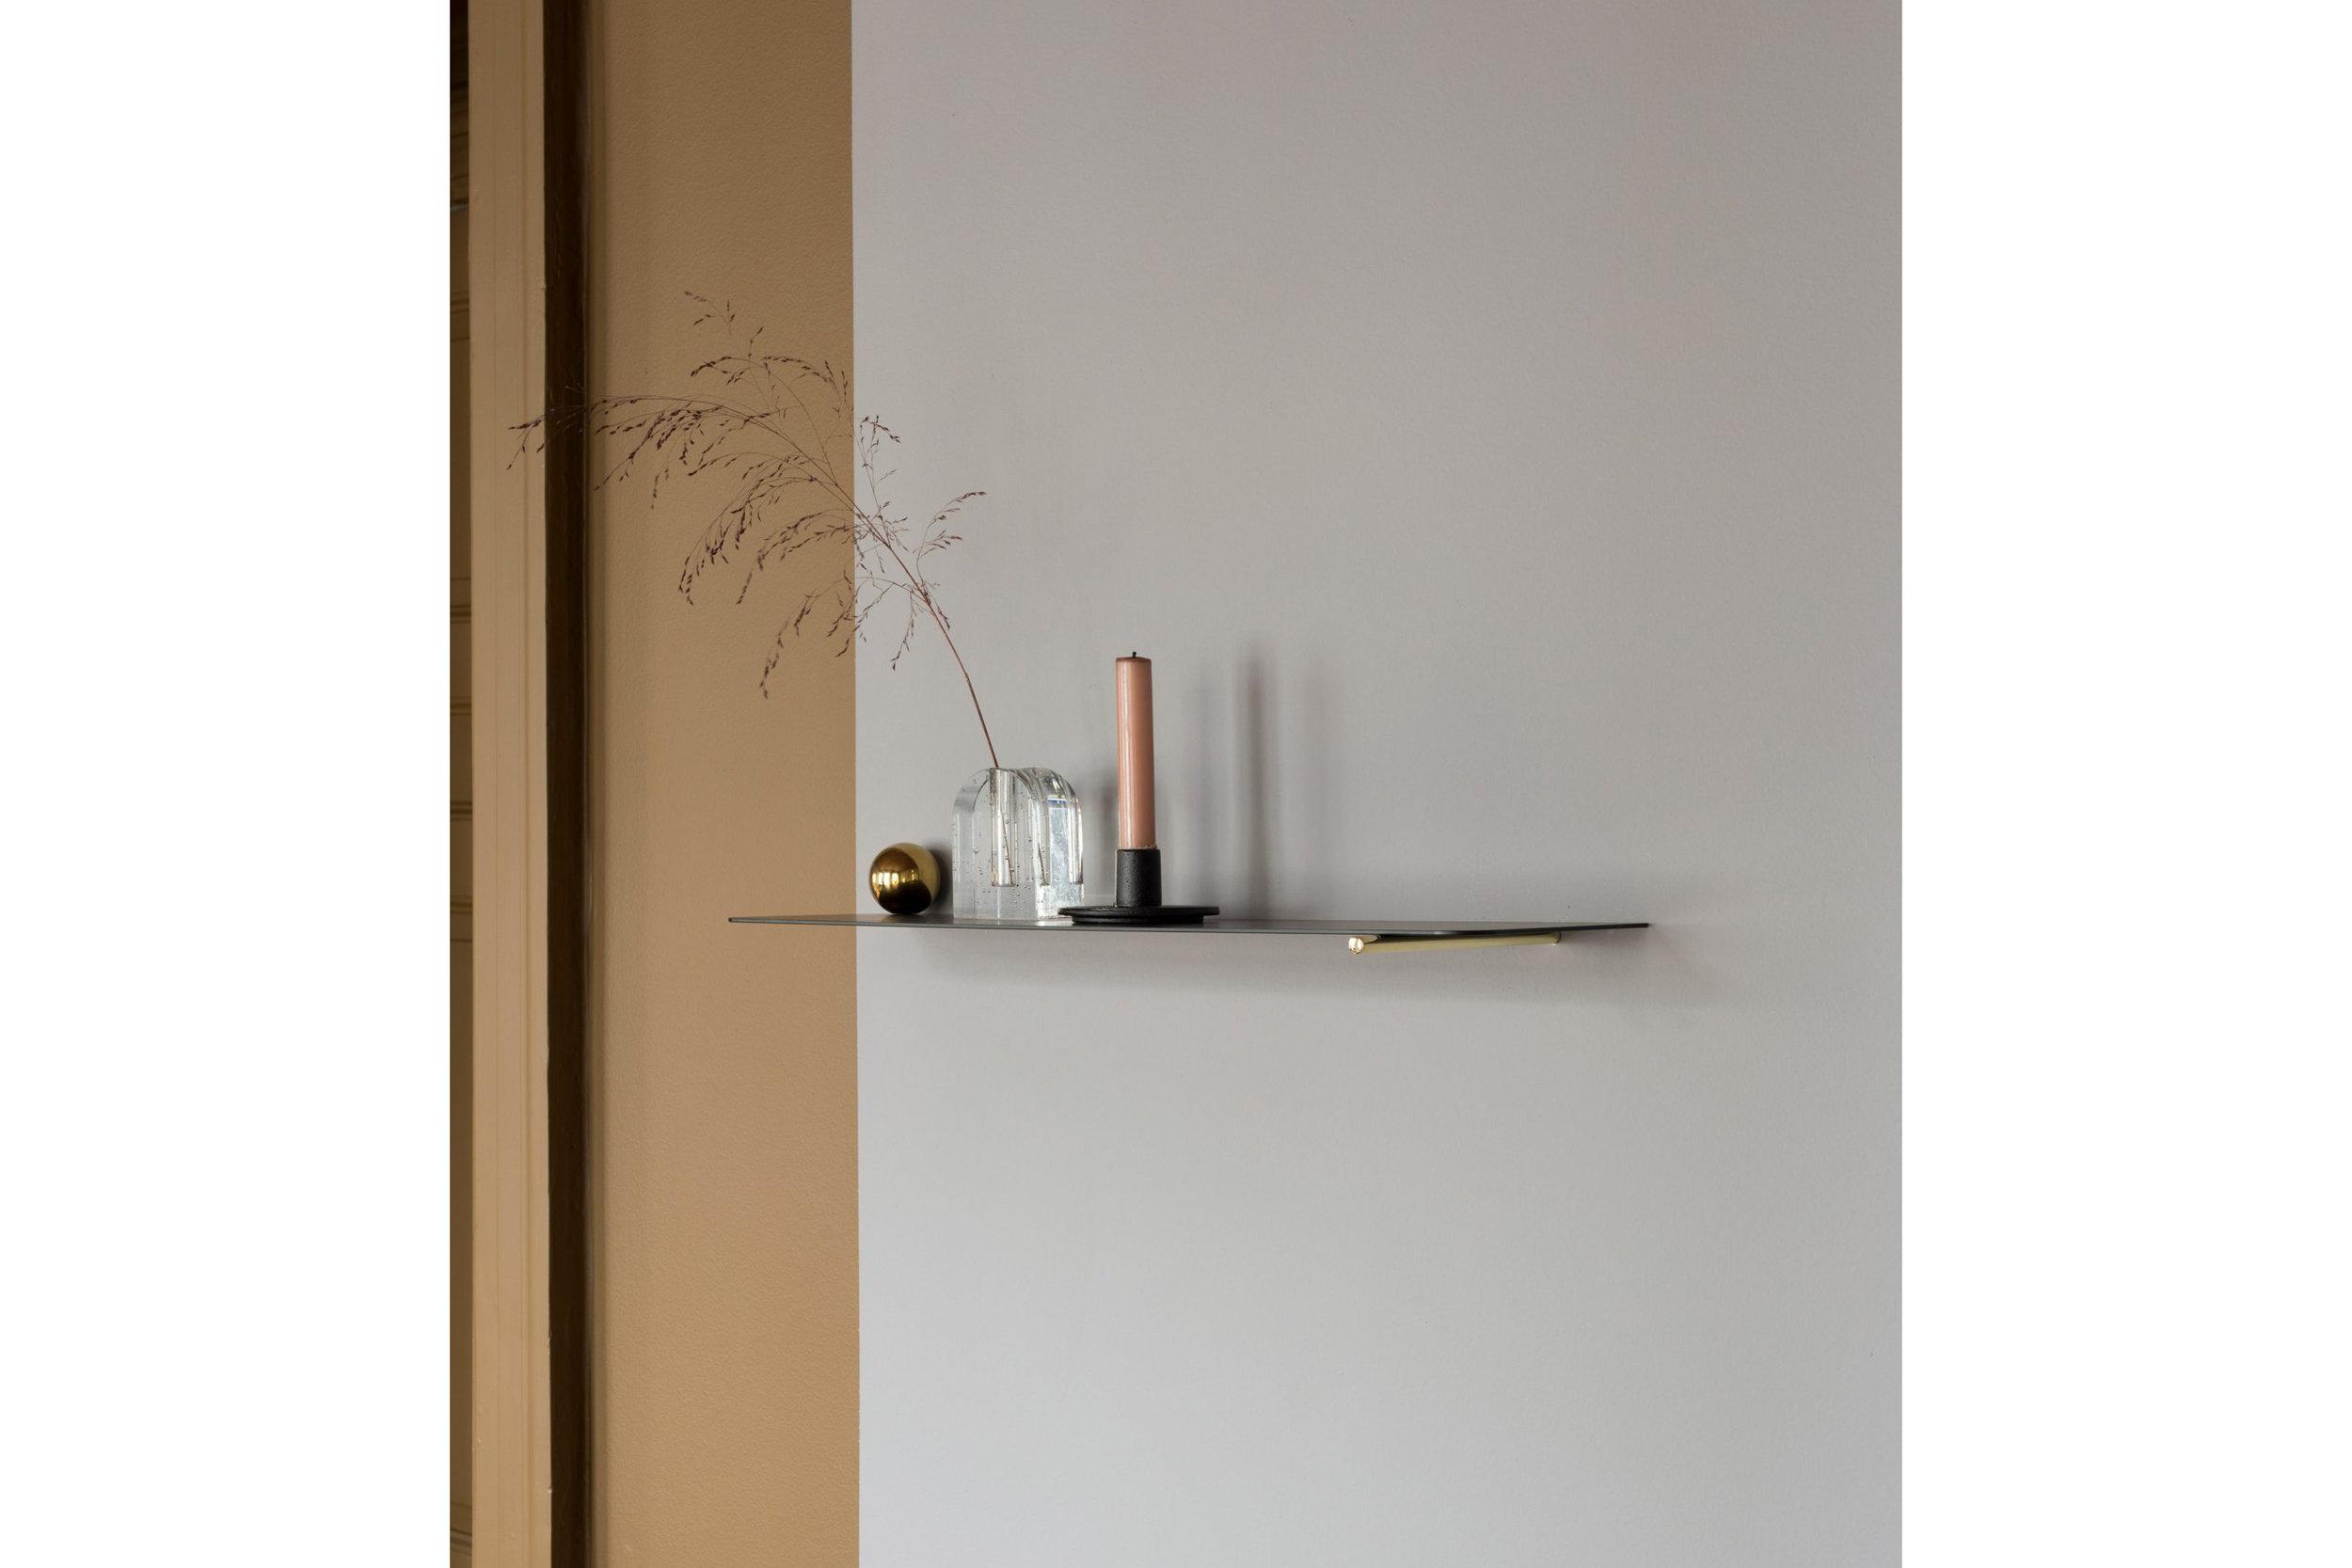 ferm-living-flying-shelves-design_dezeen_2364_col_7-1704x2180.jpg